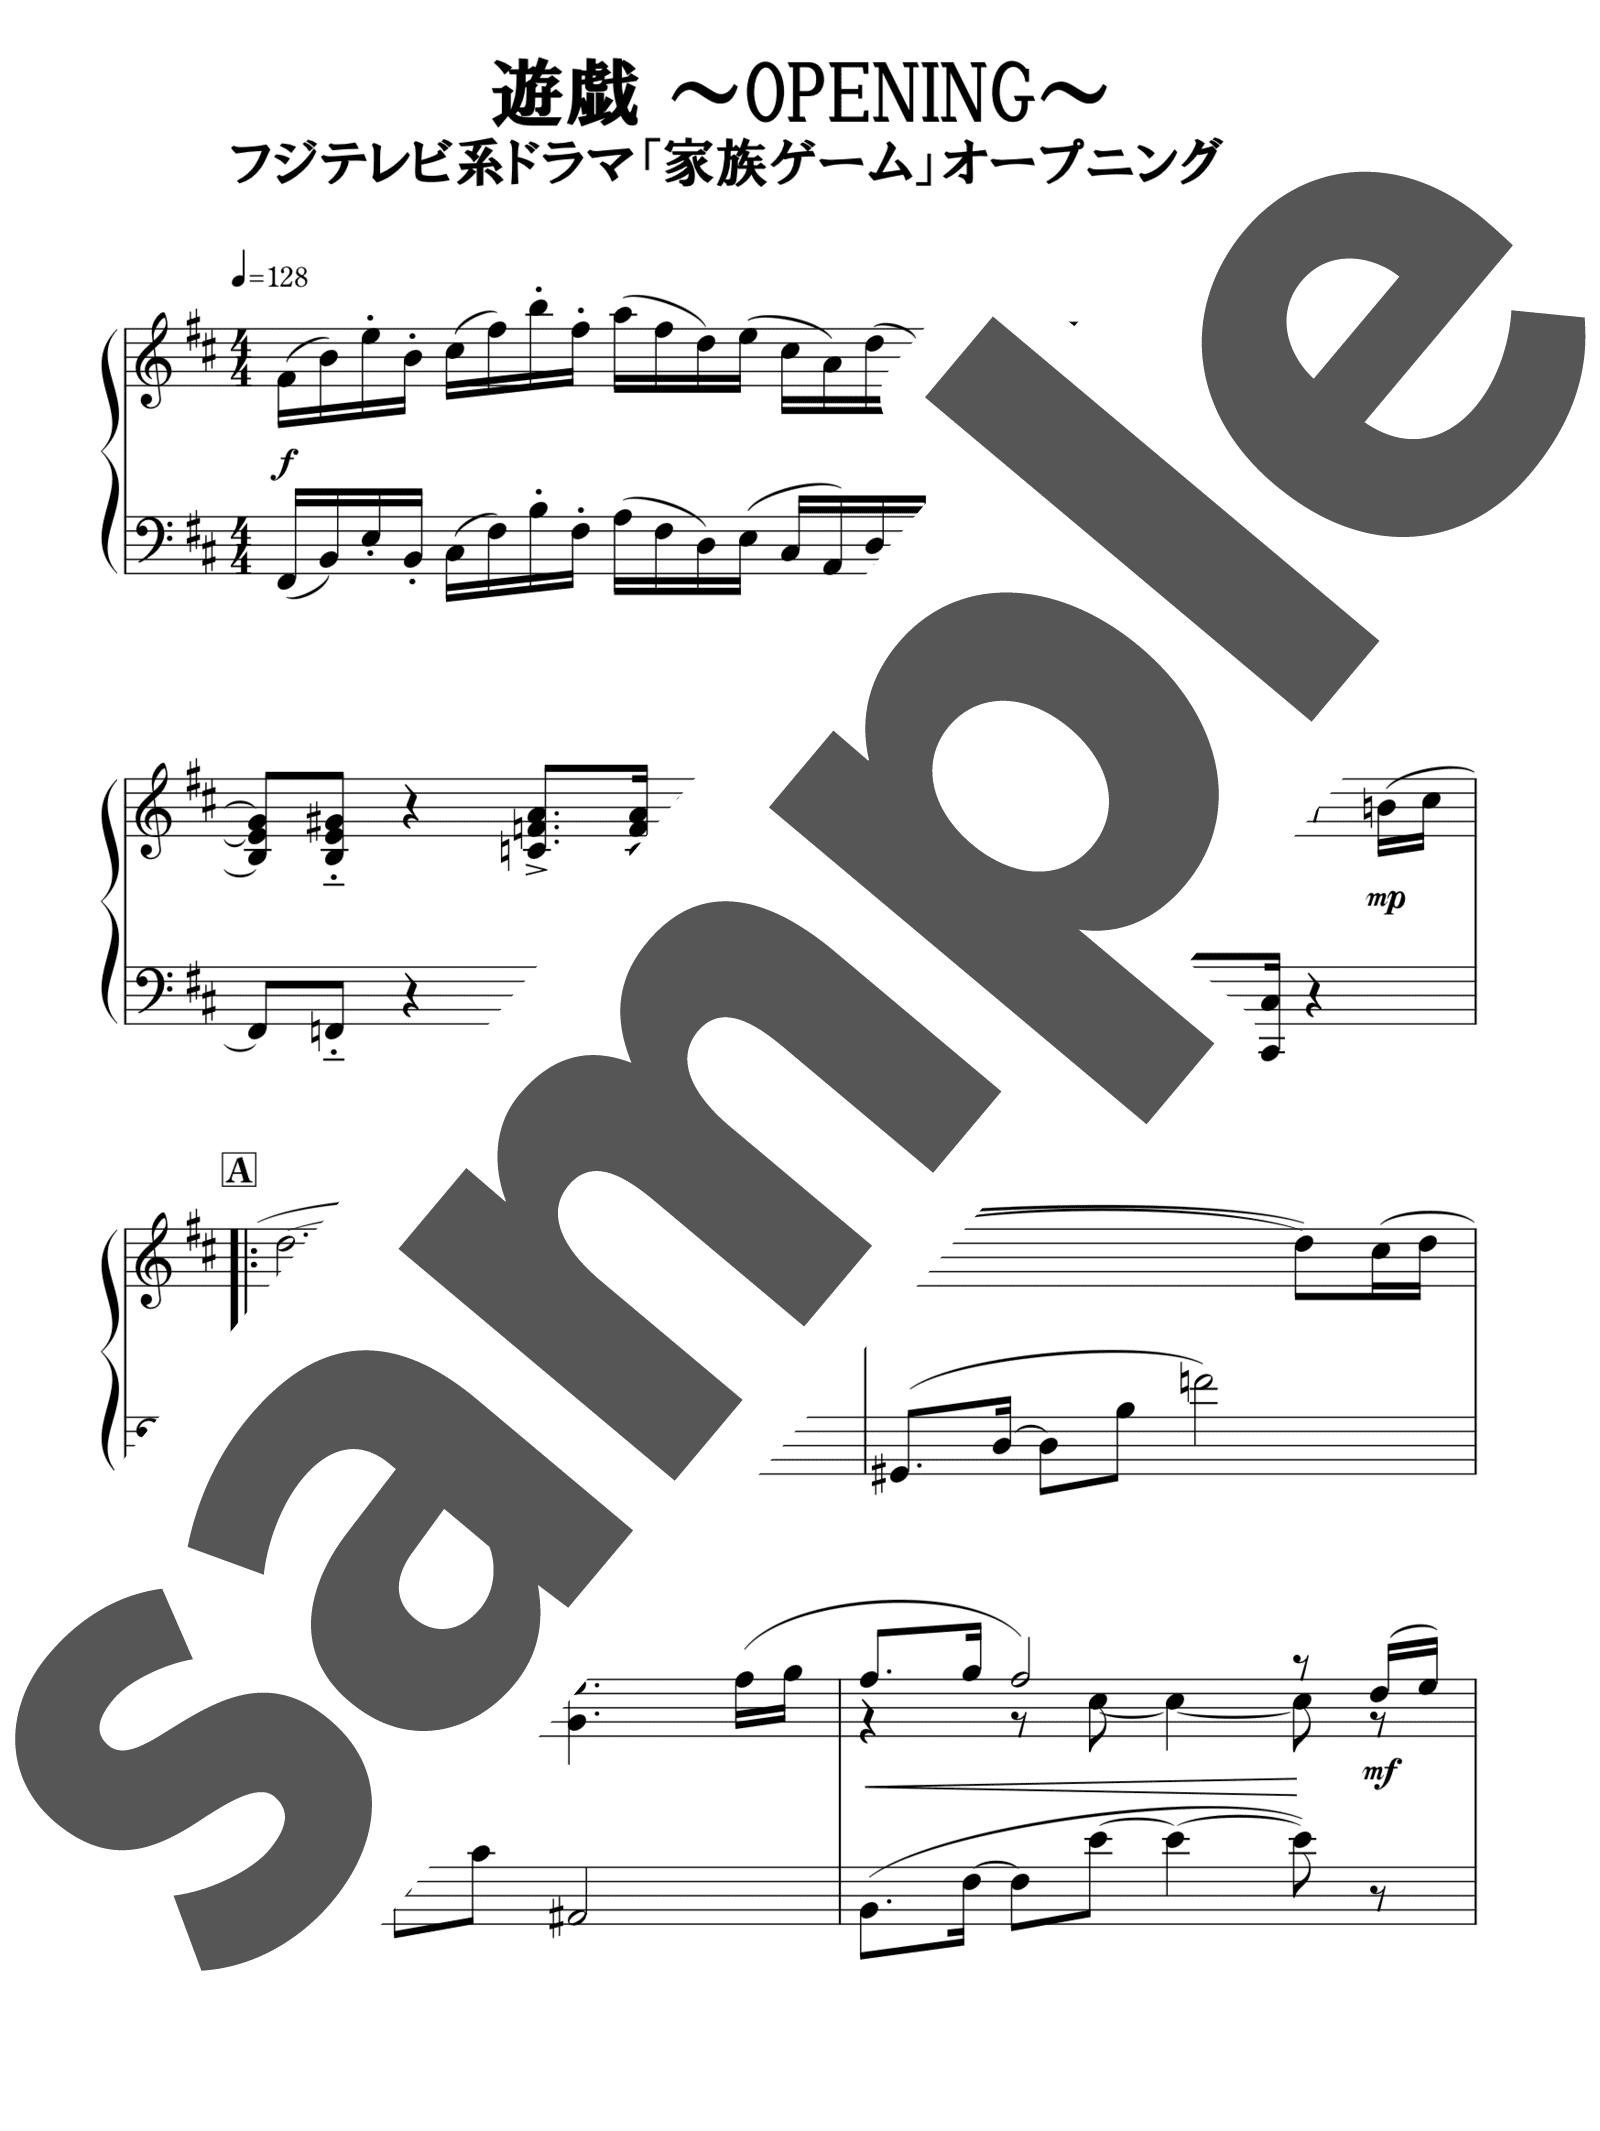 「遊戯」のサンプル楽譜